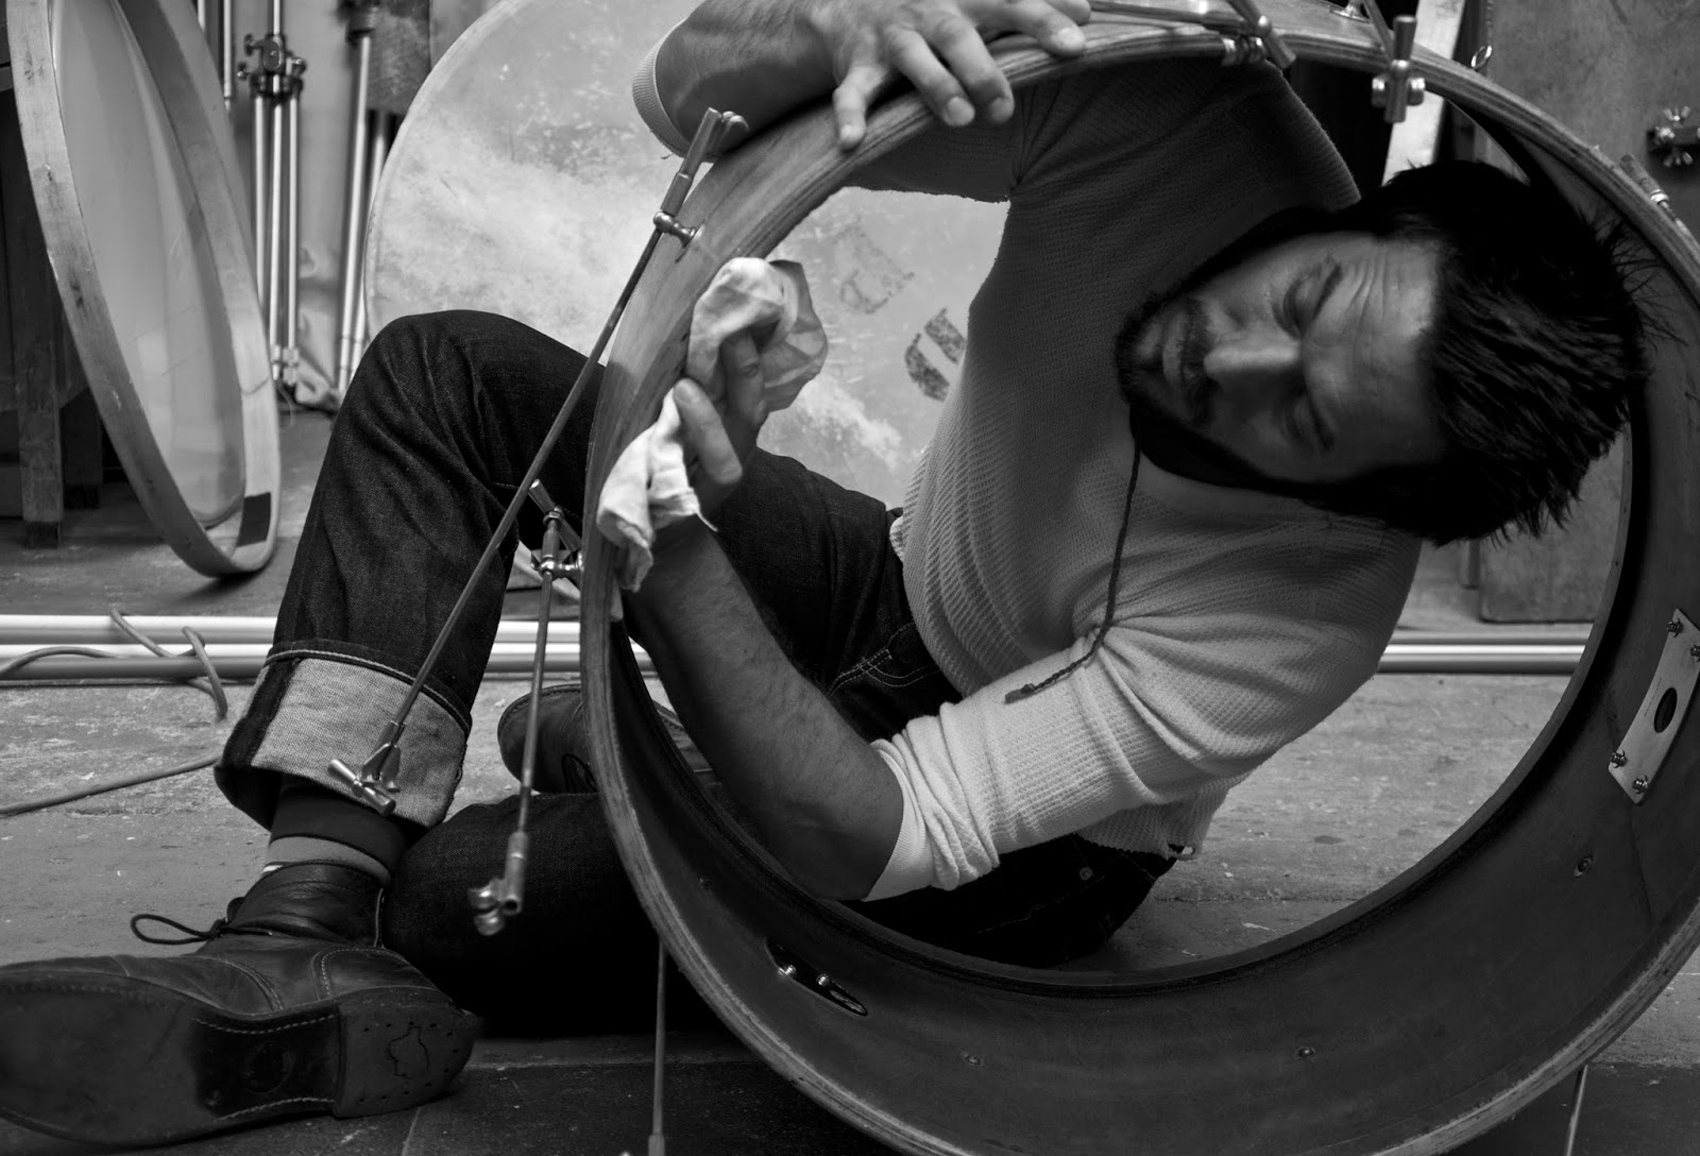 STRINNING/WARMENBOL + FRANK ROSALY solo